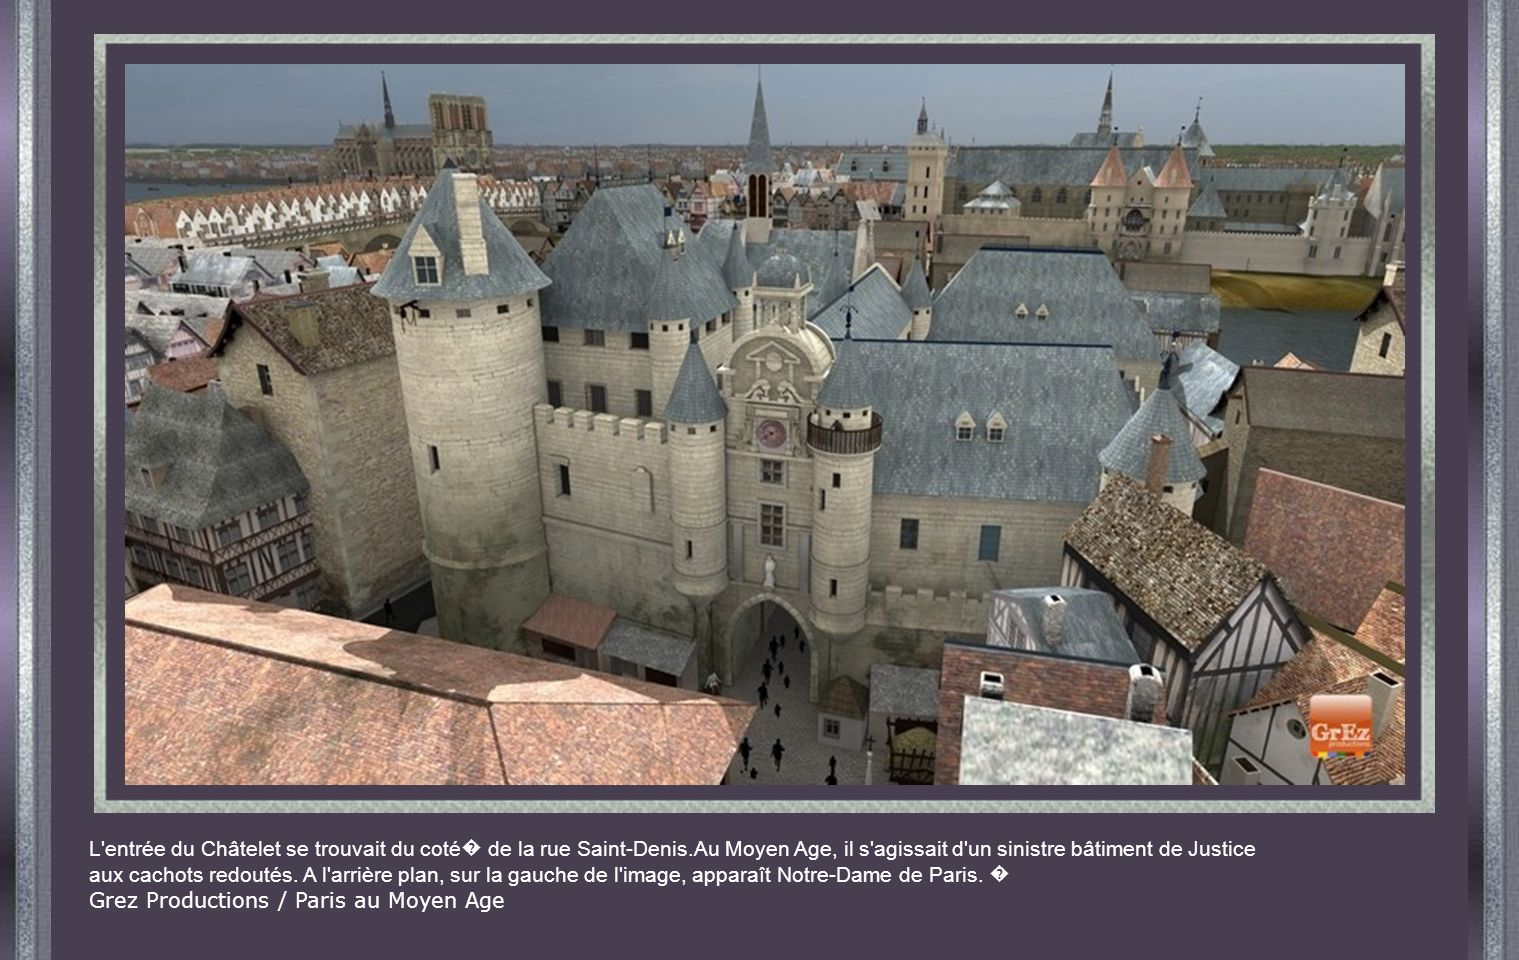 L entrée du Châtelet se trouvait du coté� de la rue Saint-Denis